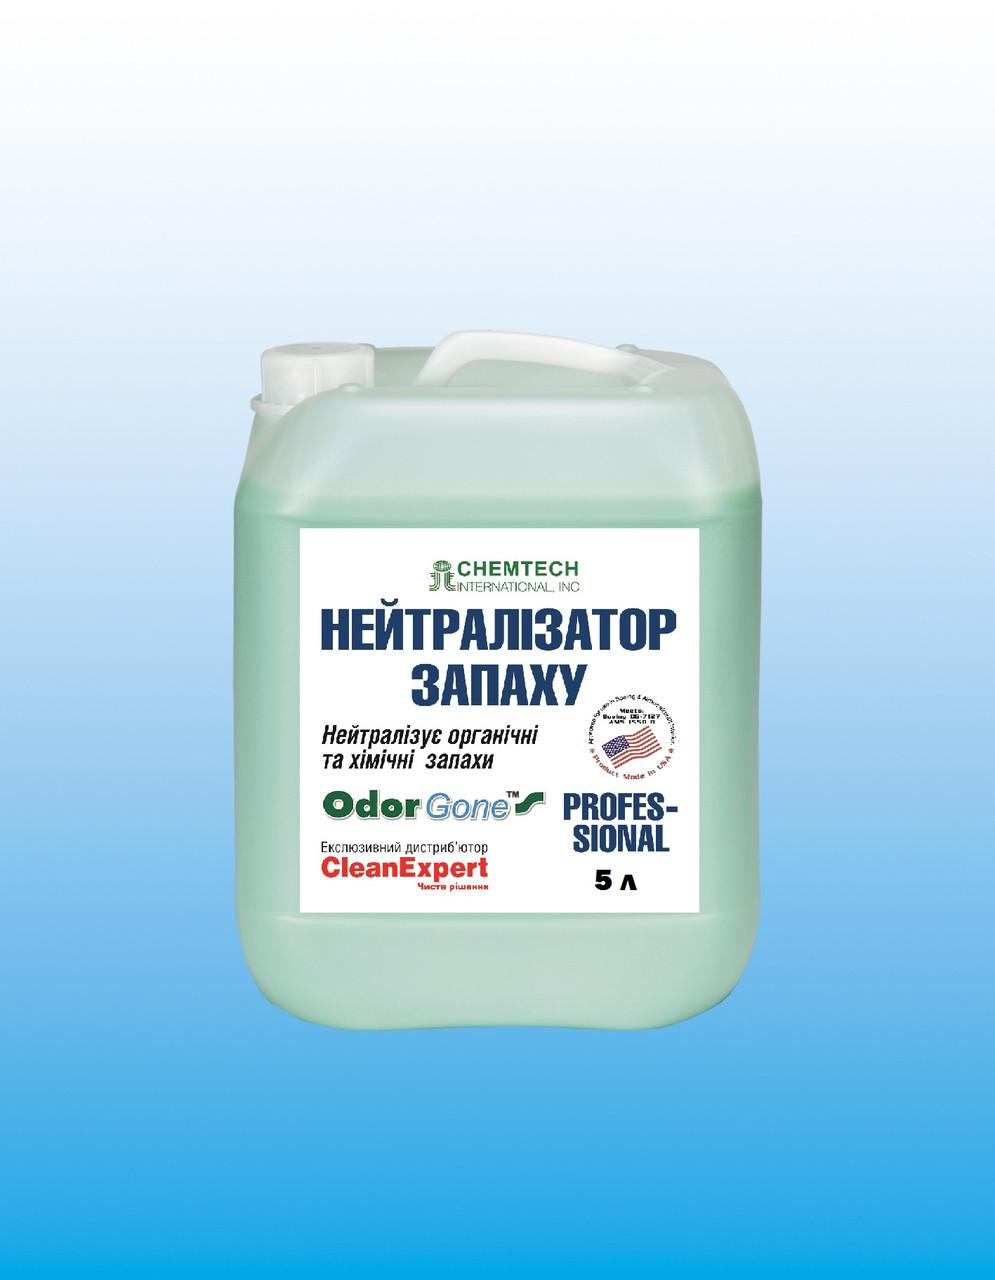 Нейтрализатор неприятного запаха Chemtech international Odorgone Professional 5 л. (Одоргон)